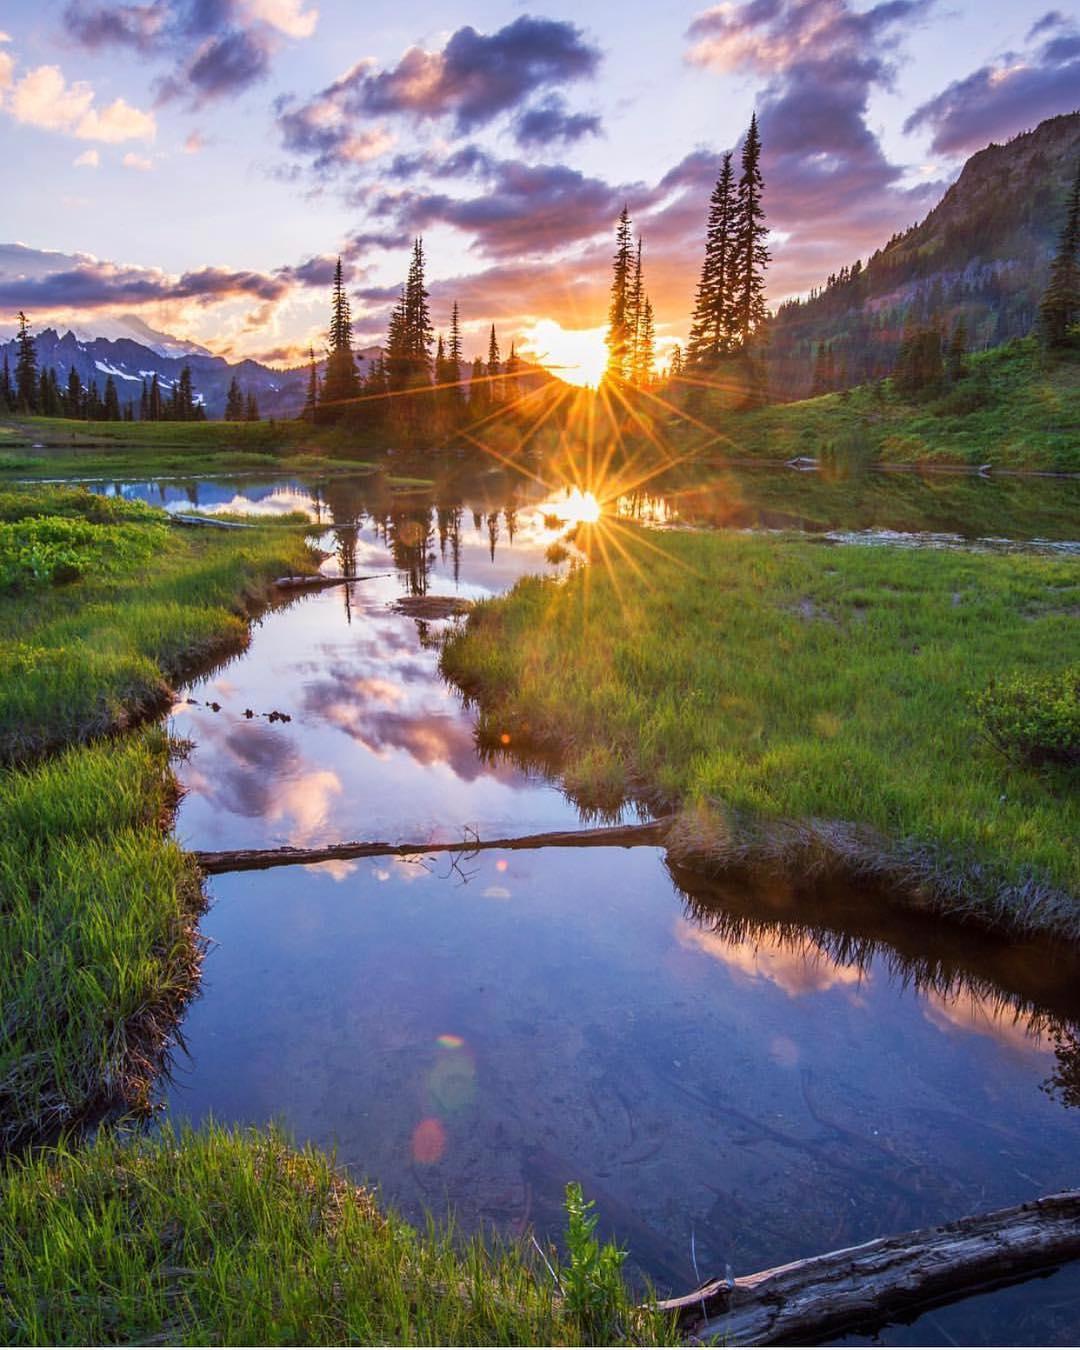 paisajes-hermosos-del-mundo11